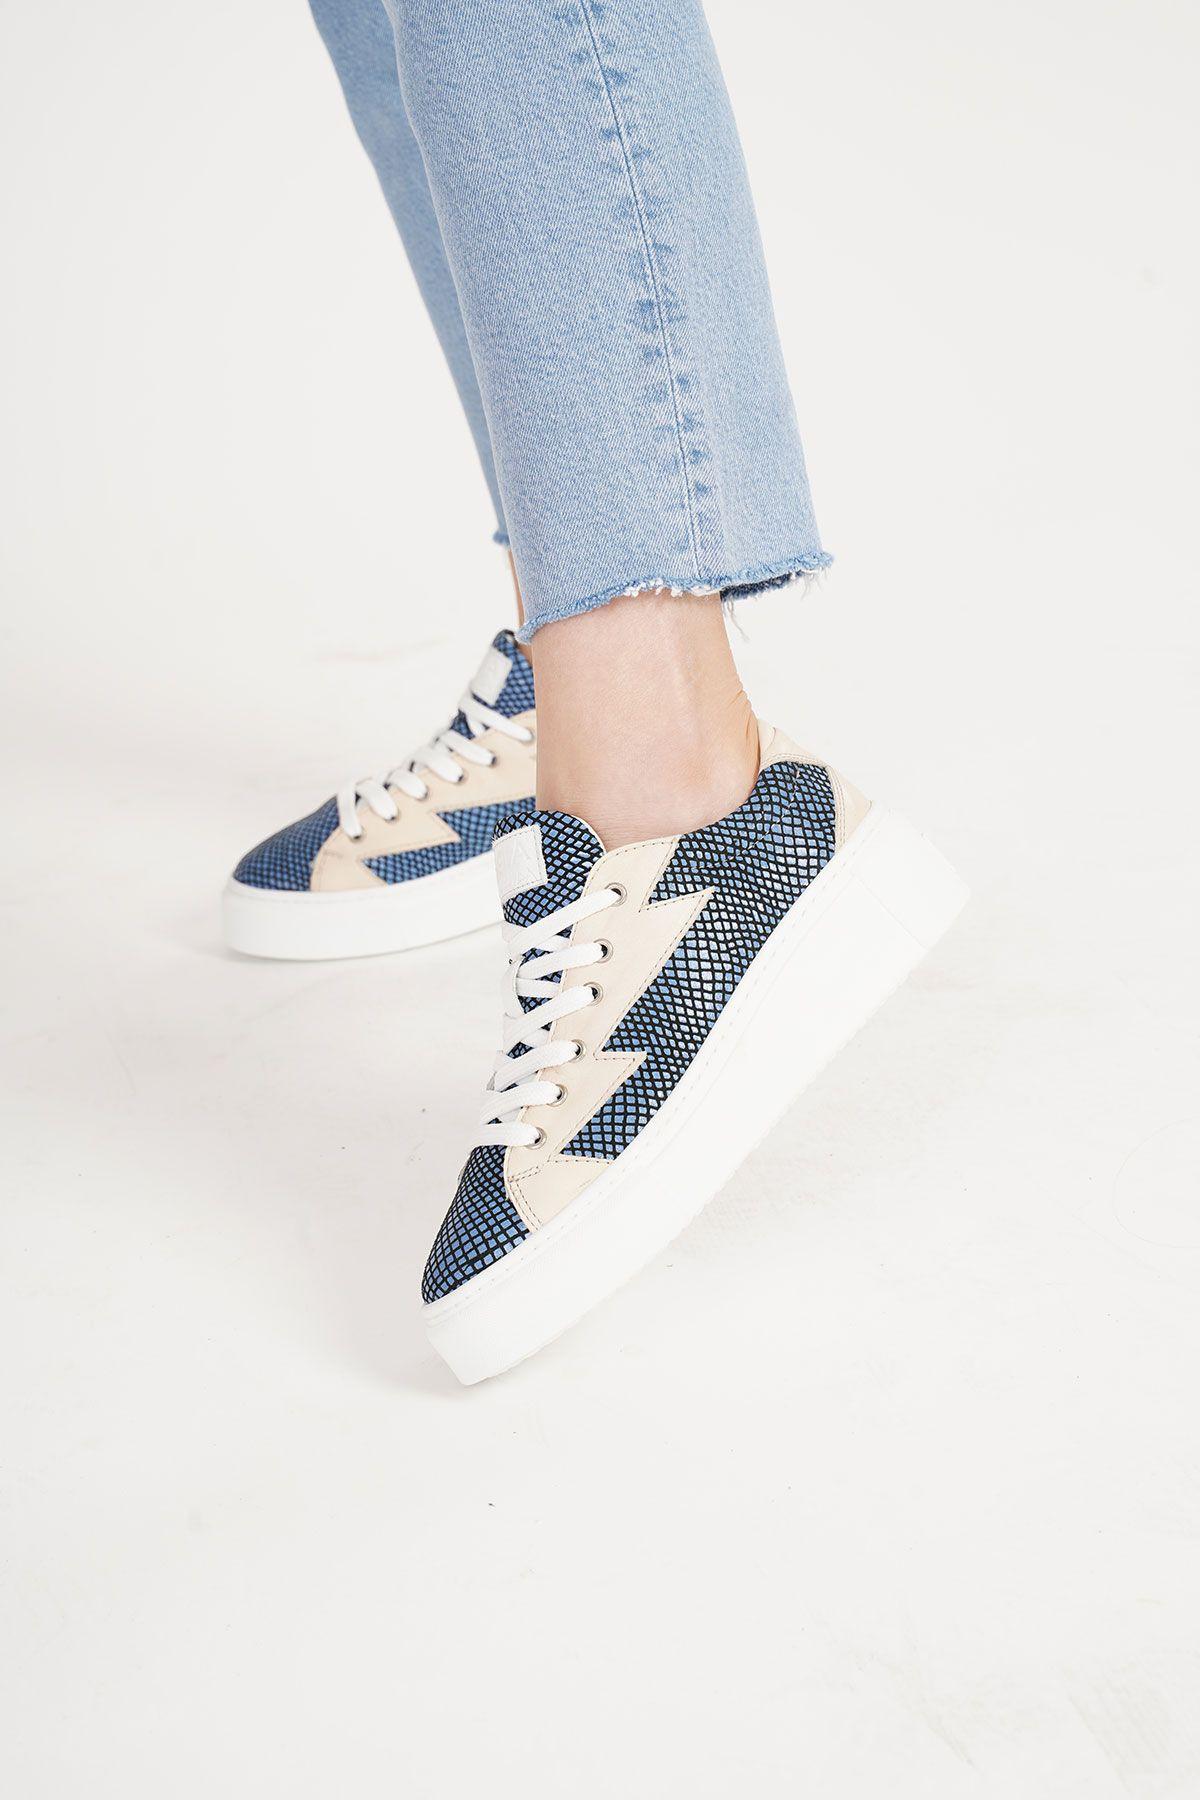 Pegia Genuine Leather Women's Sneaker LA1507 Blue